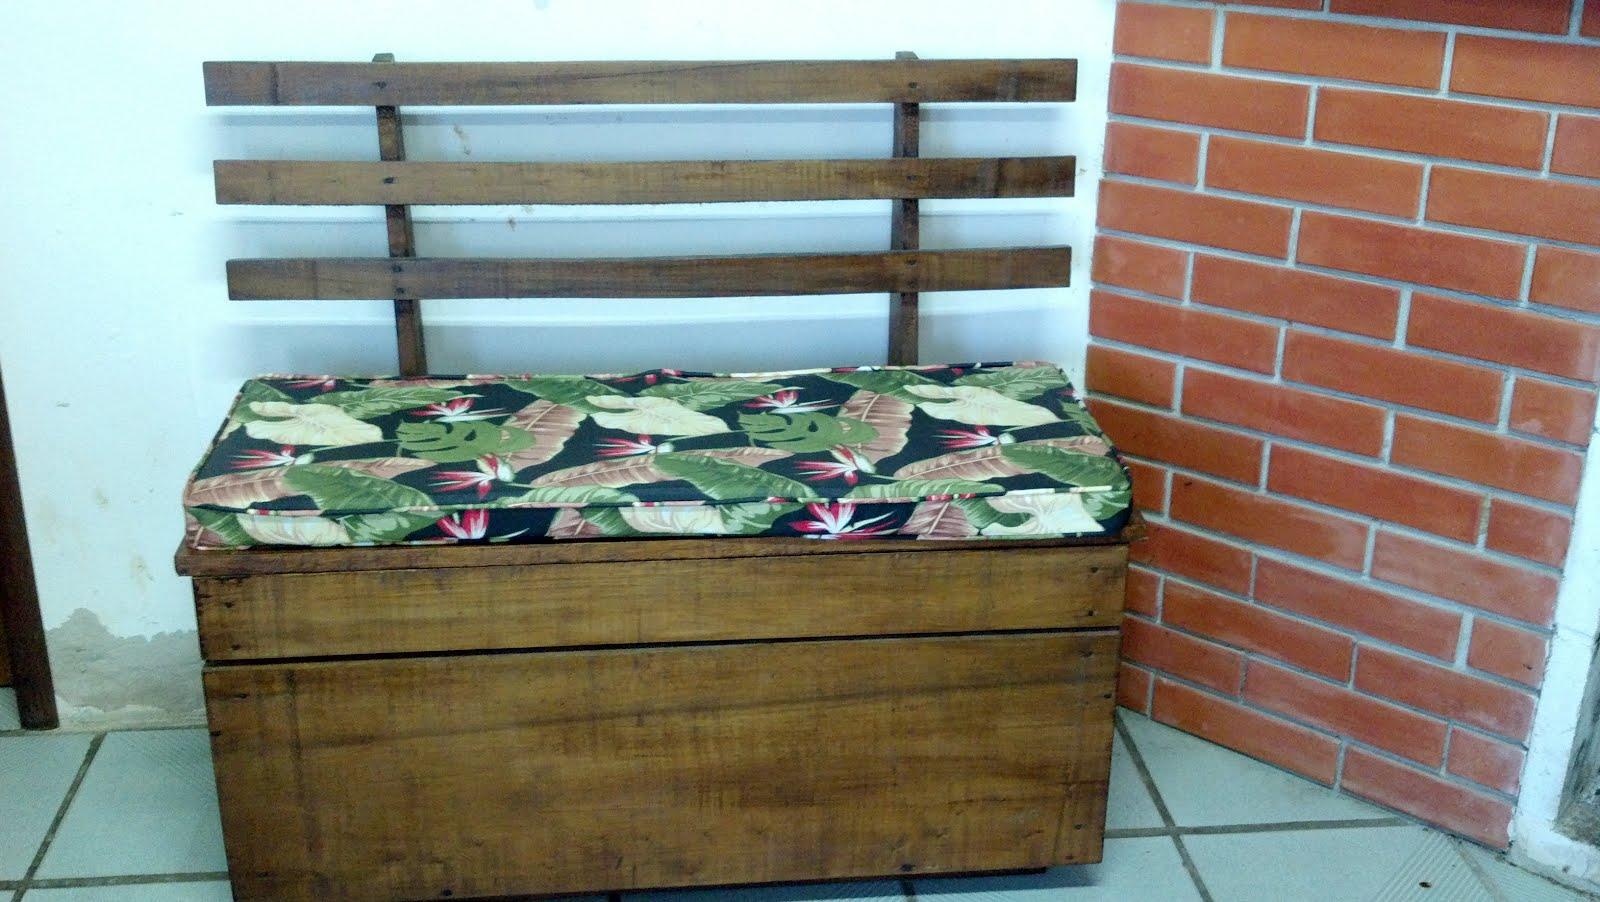 sábado 6 de outubro de 2012 #299BA2 1600x902 Balcao Banheiro Artesanal